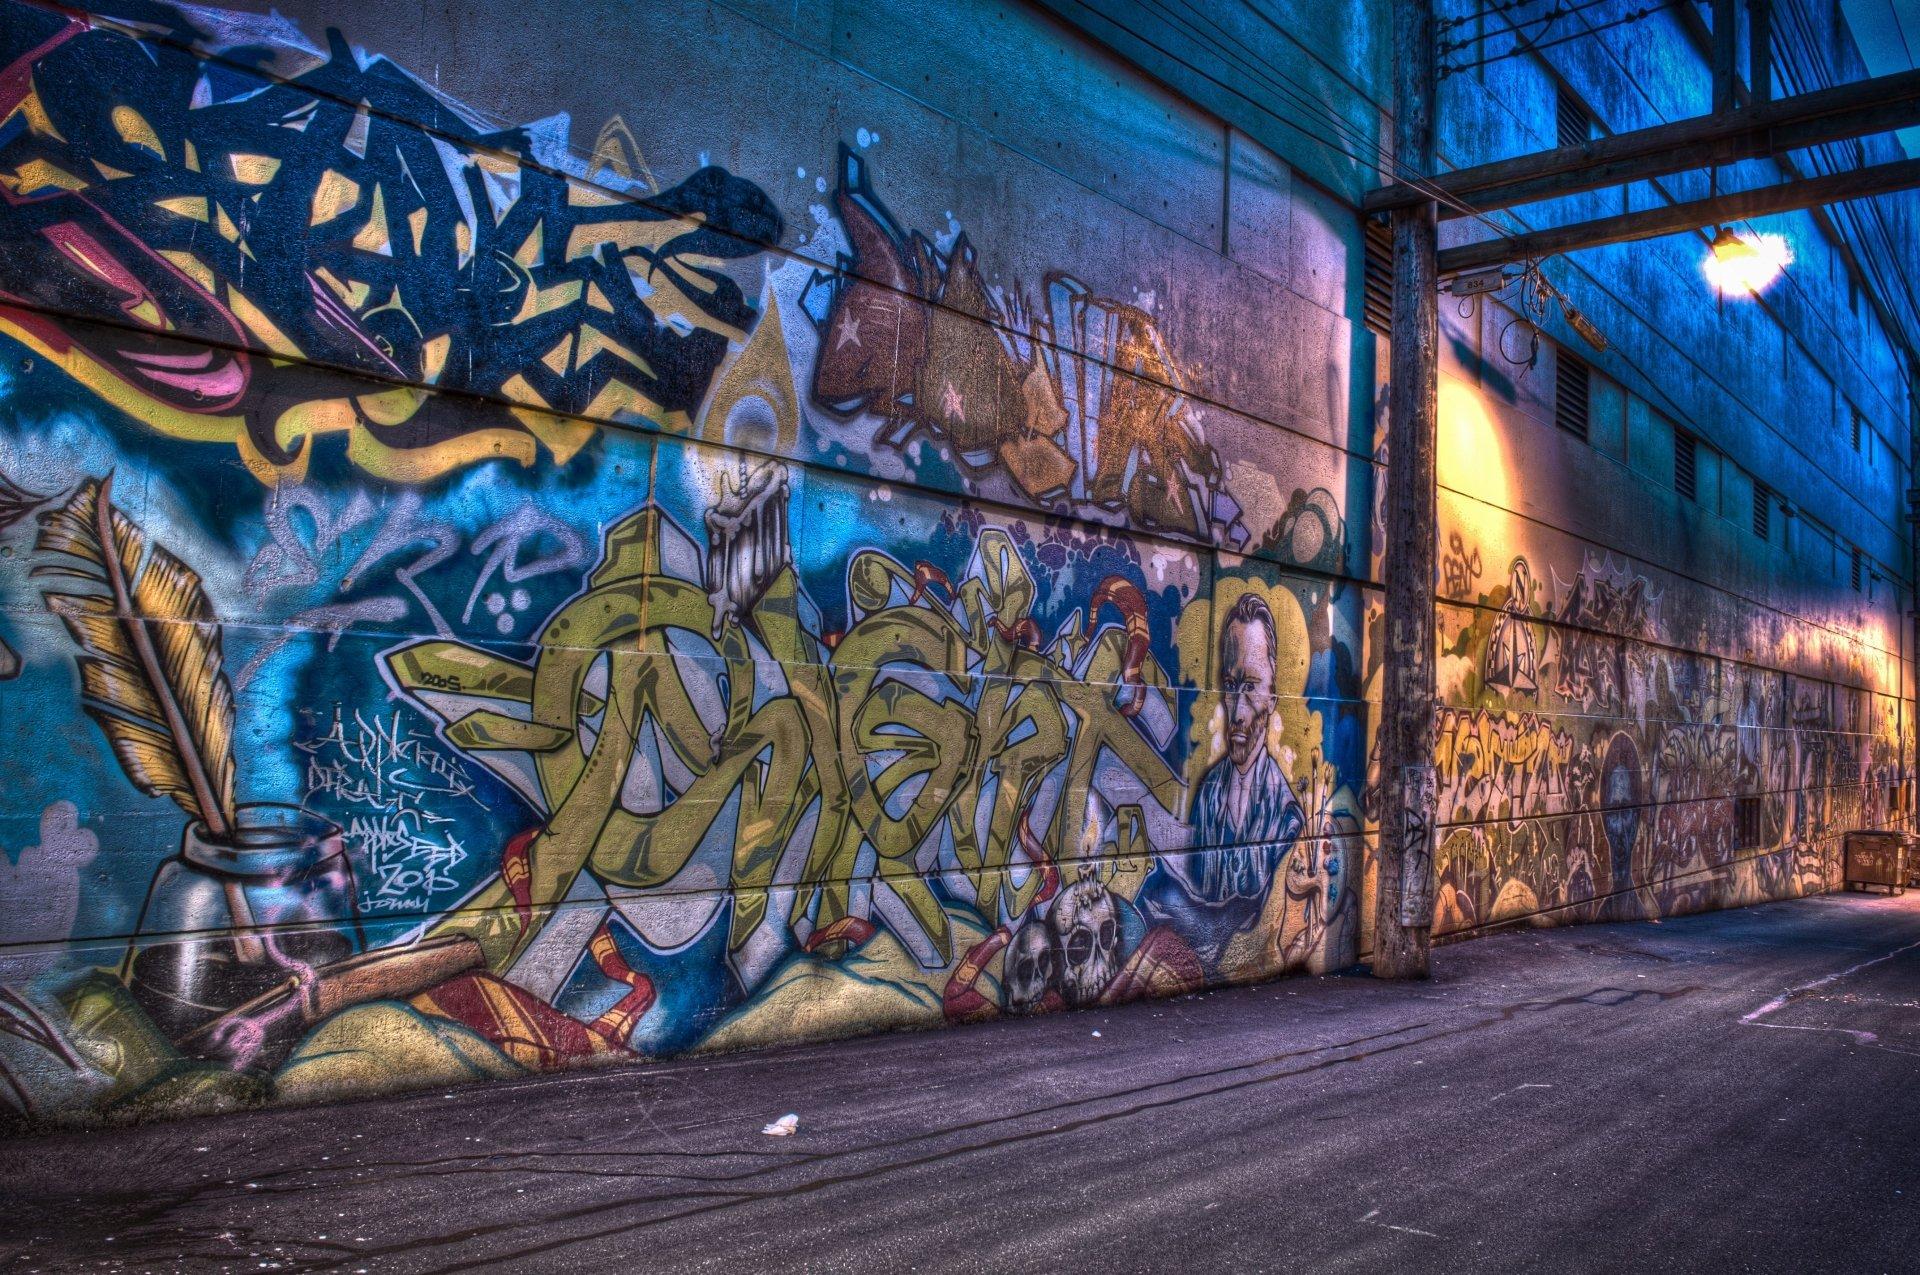 Graffiti 4k ultra hd wallpaper background image 4288x2848 id 280169 wallpaper abyss - Background images 4k hd ...